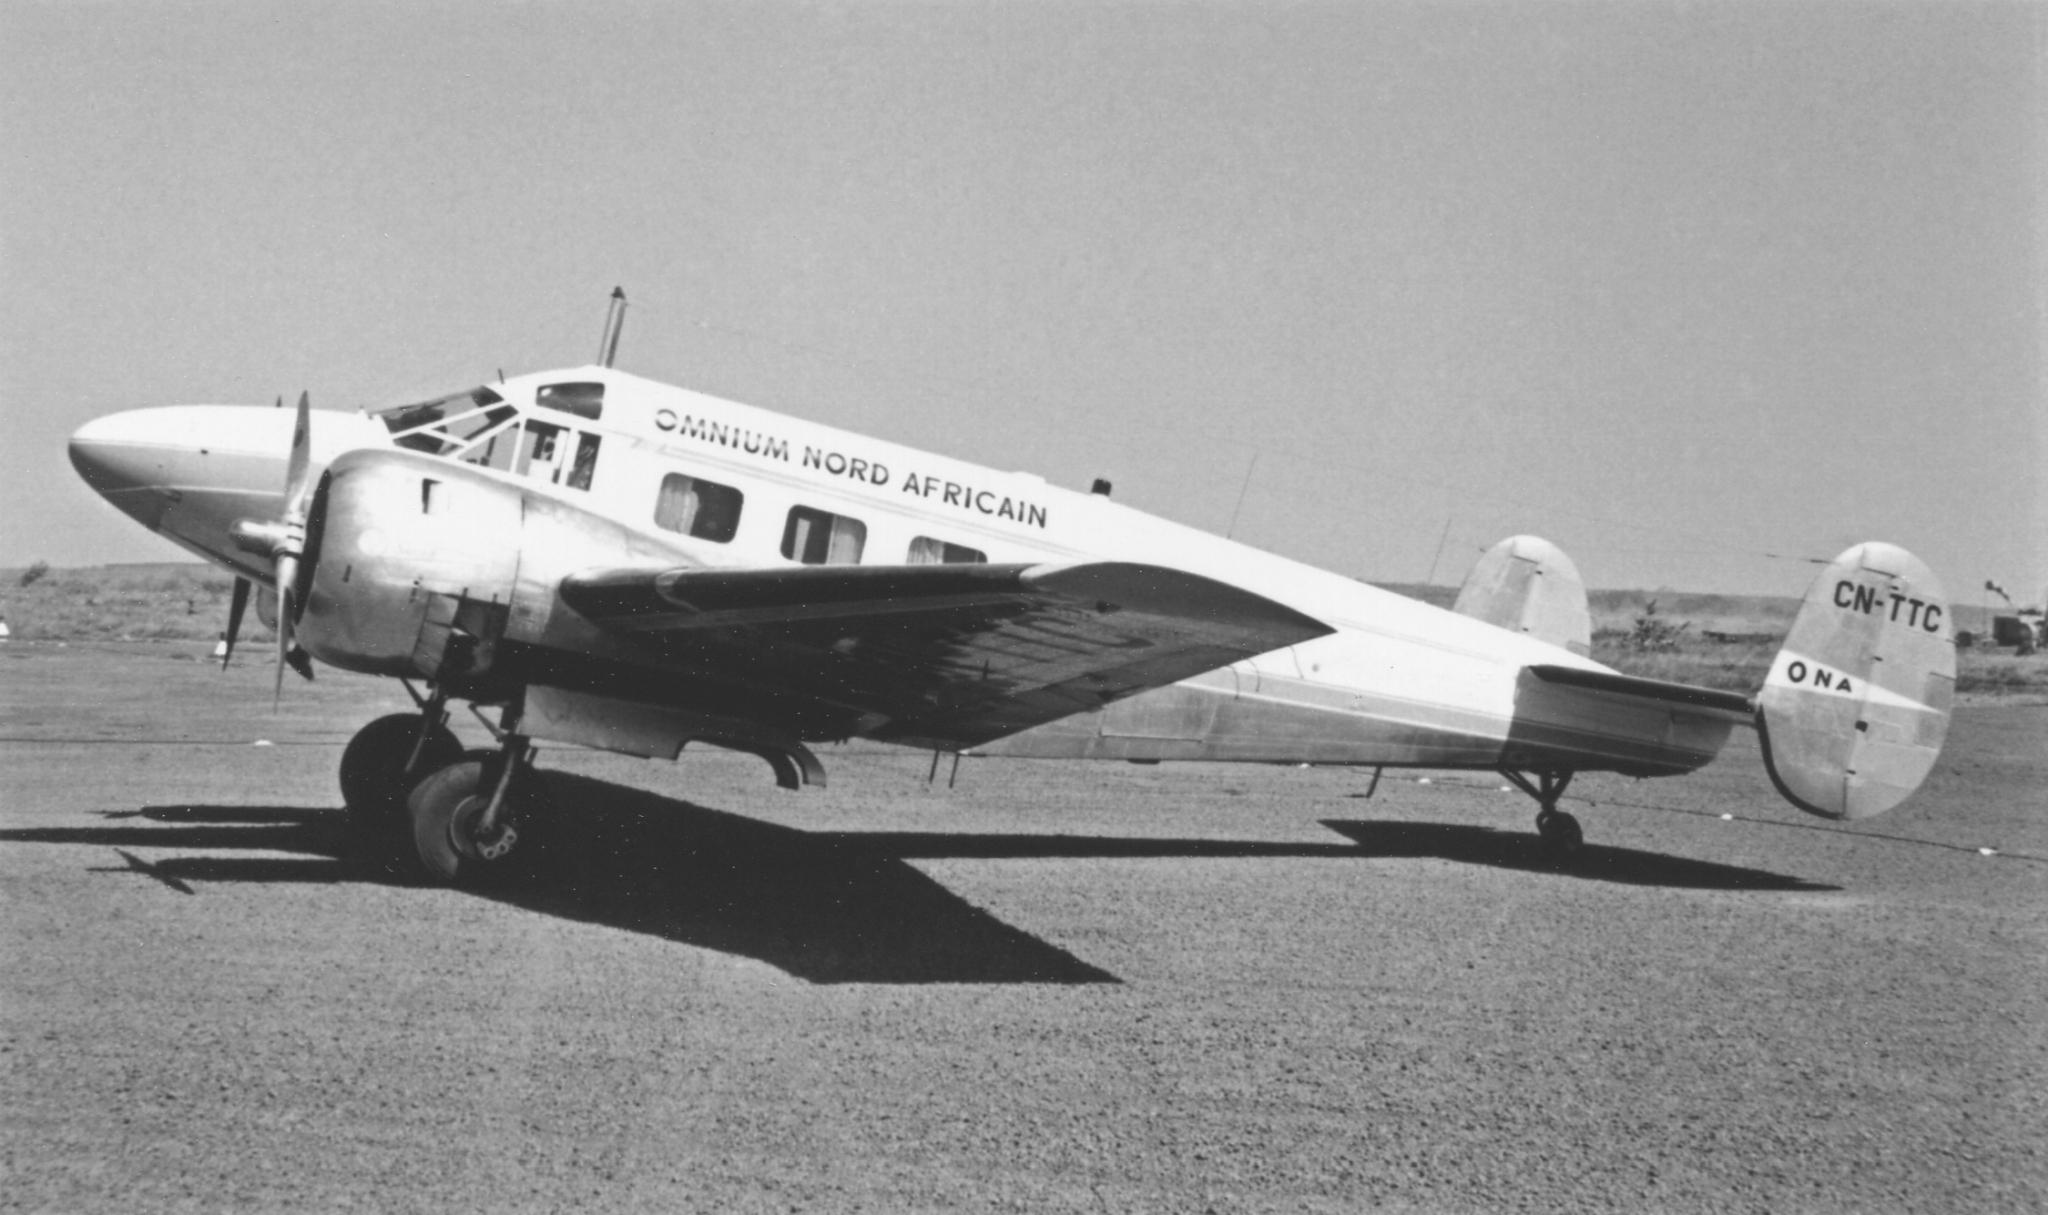 Anciens avions de la RAM - Page 4 50956957011_0b02216253_o_d